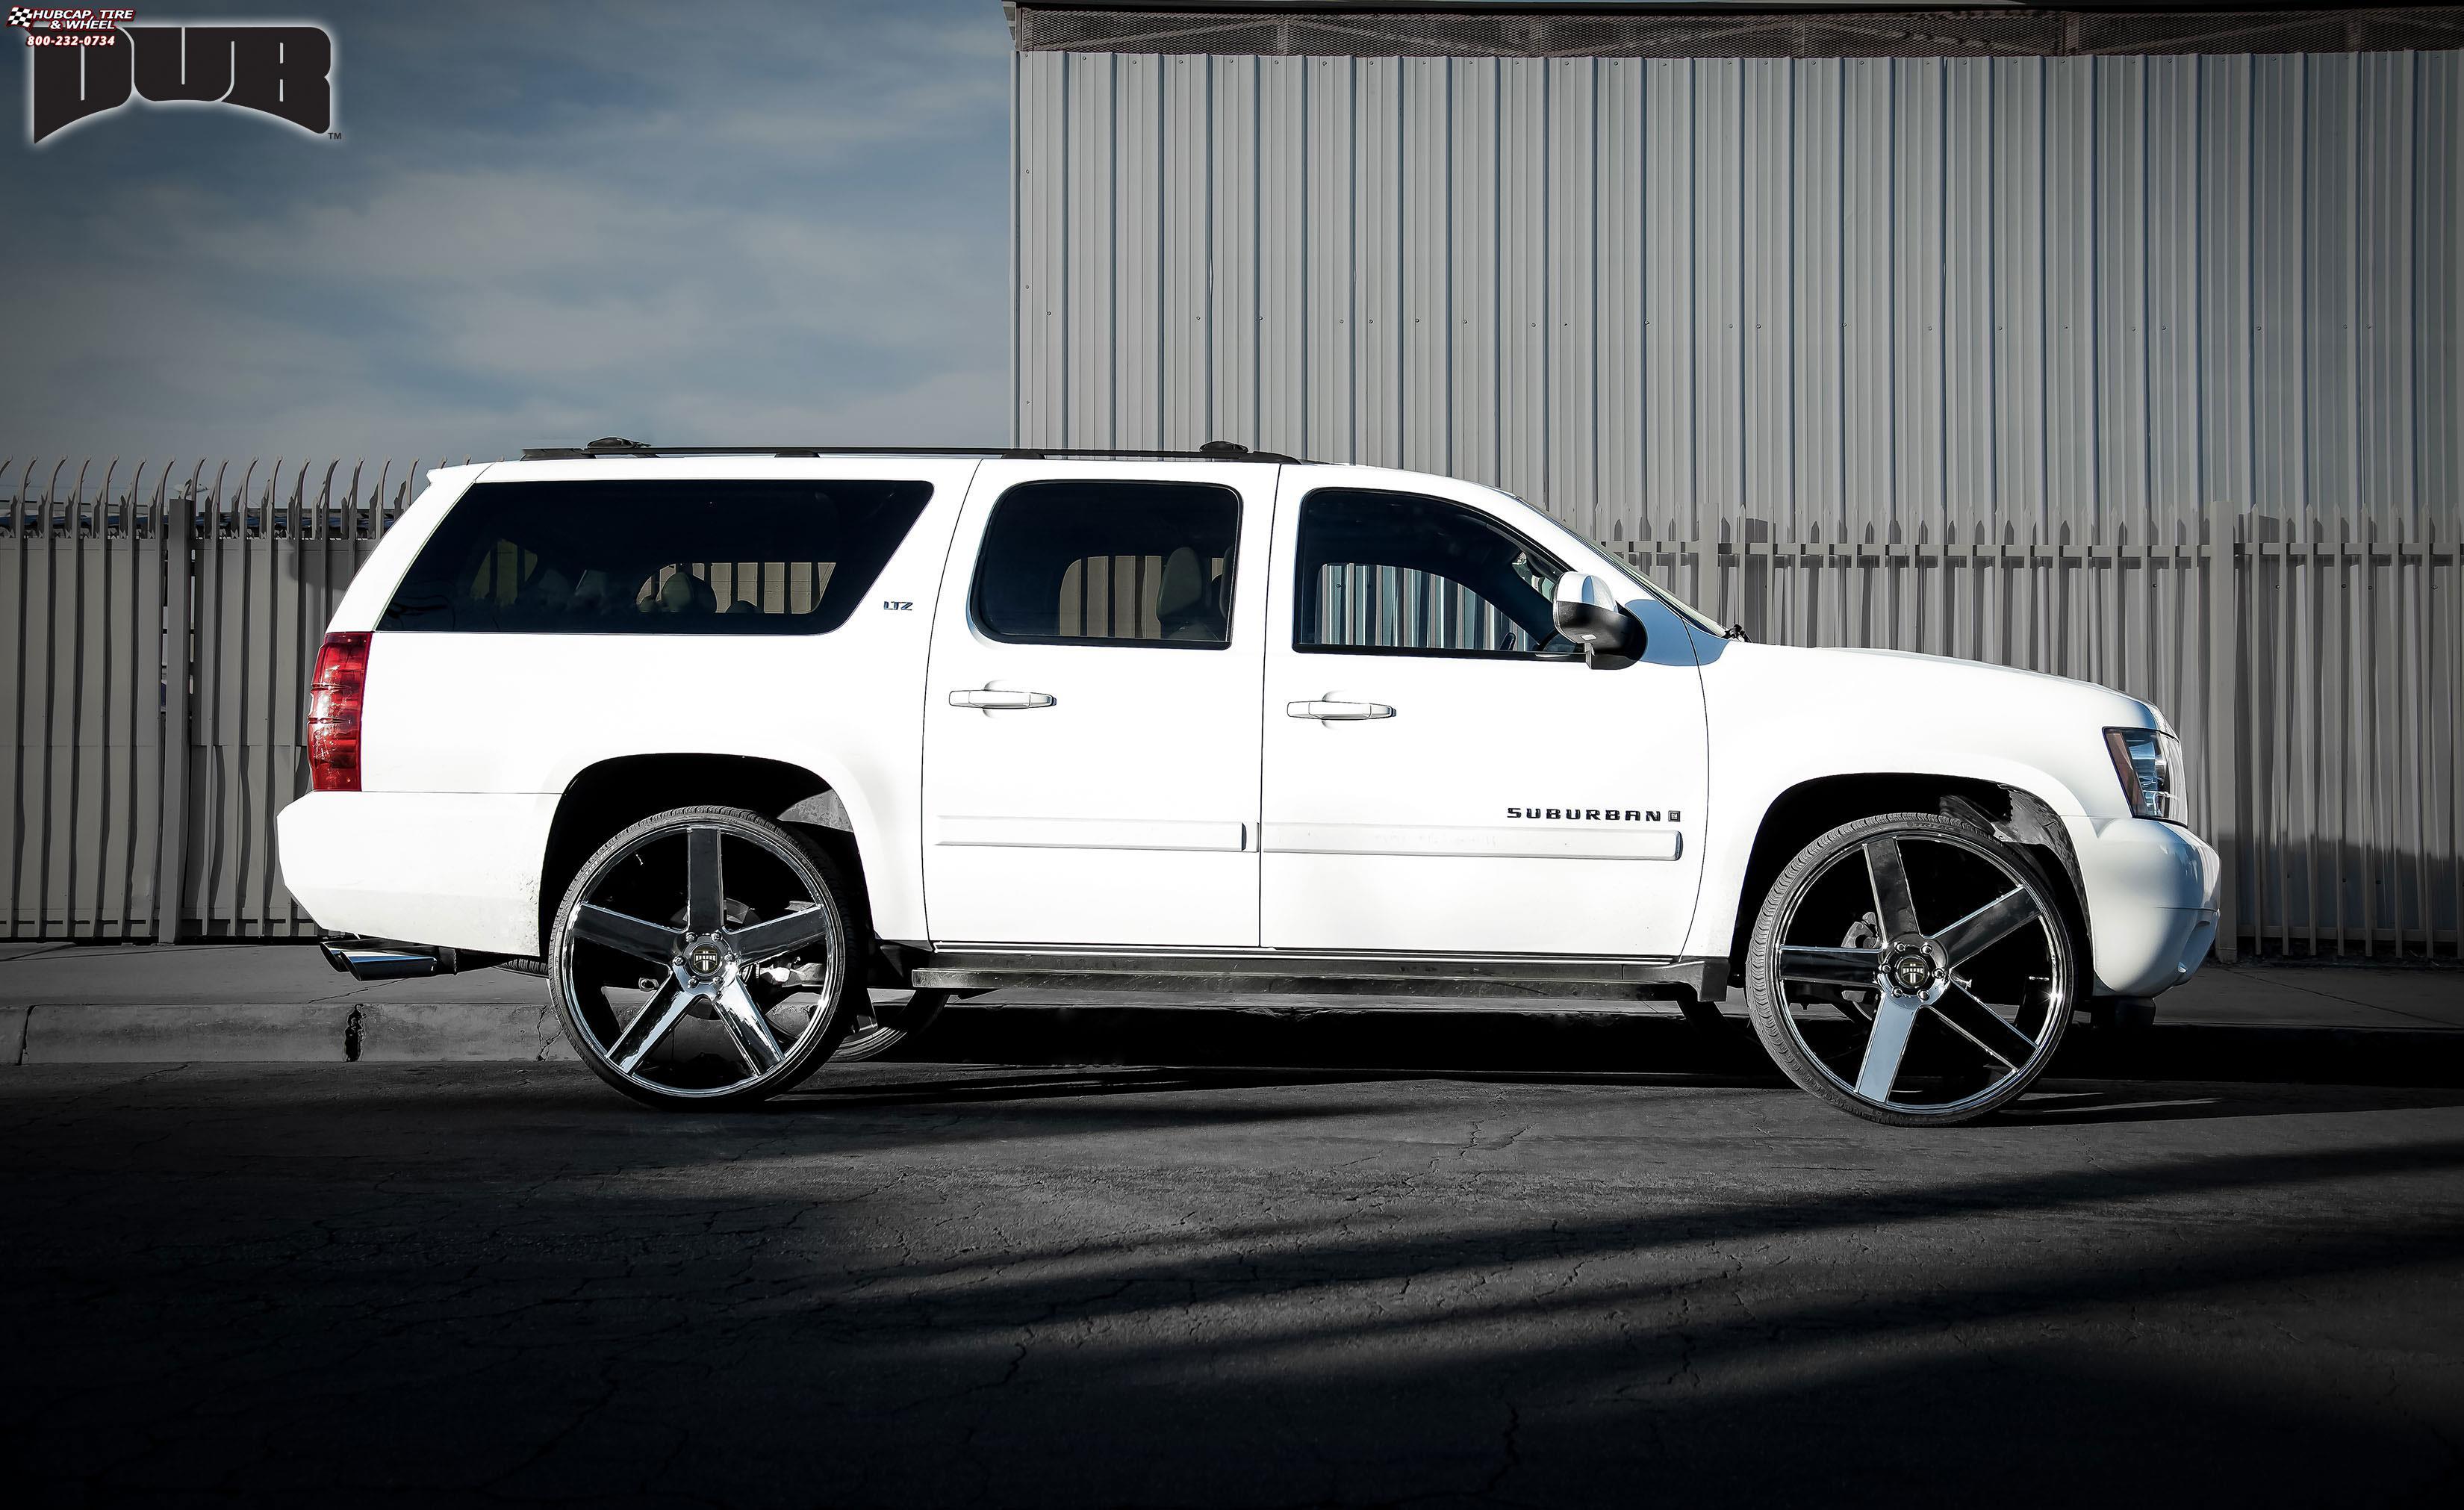 Chevrolet Suburban Dub Baller - S115 Wheels Chrome